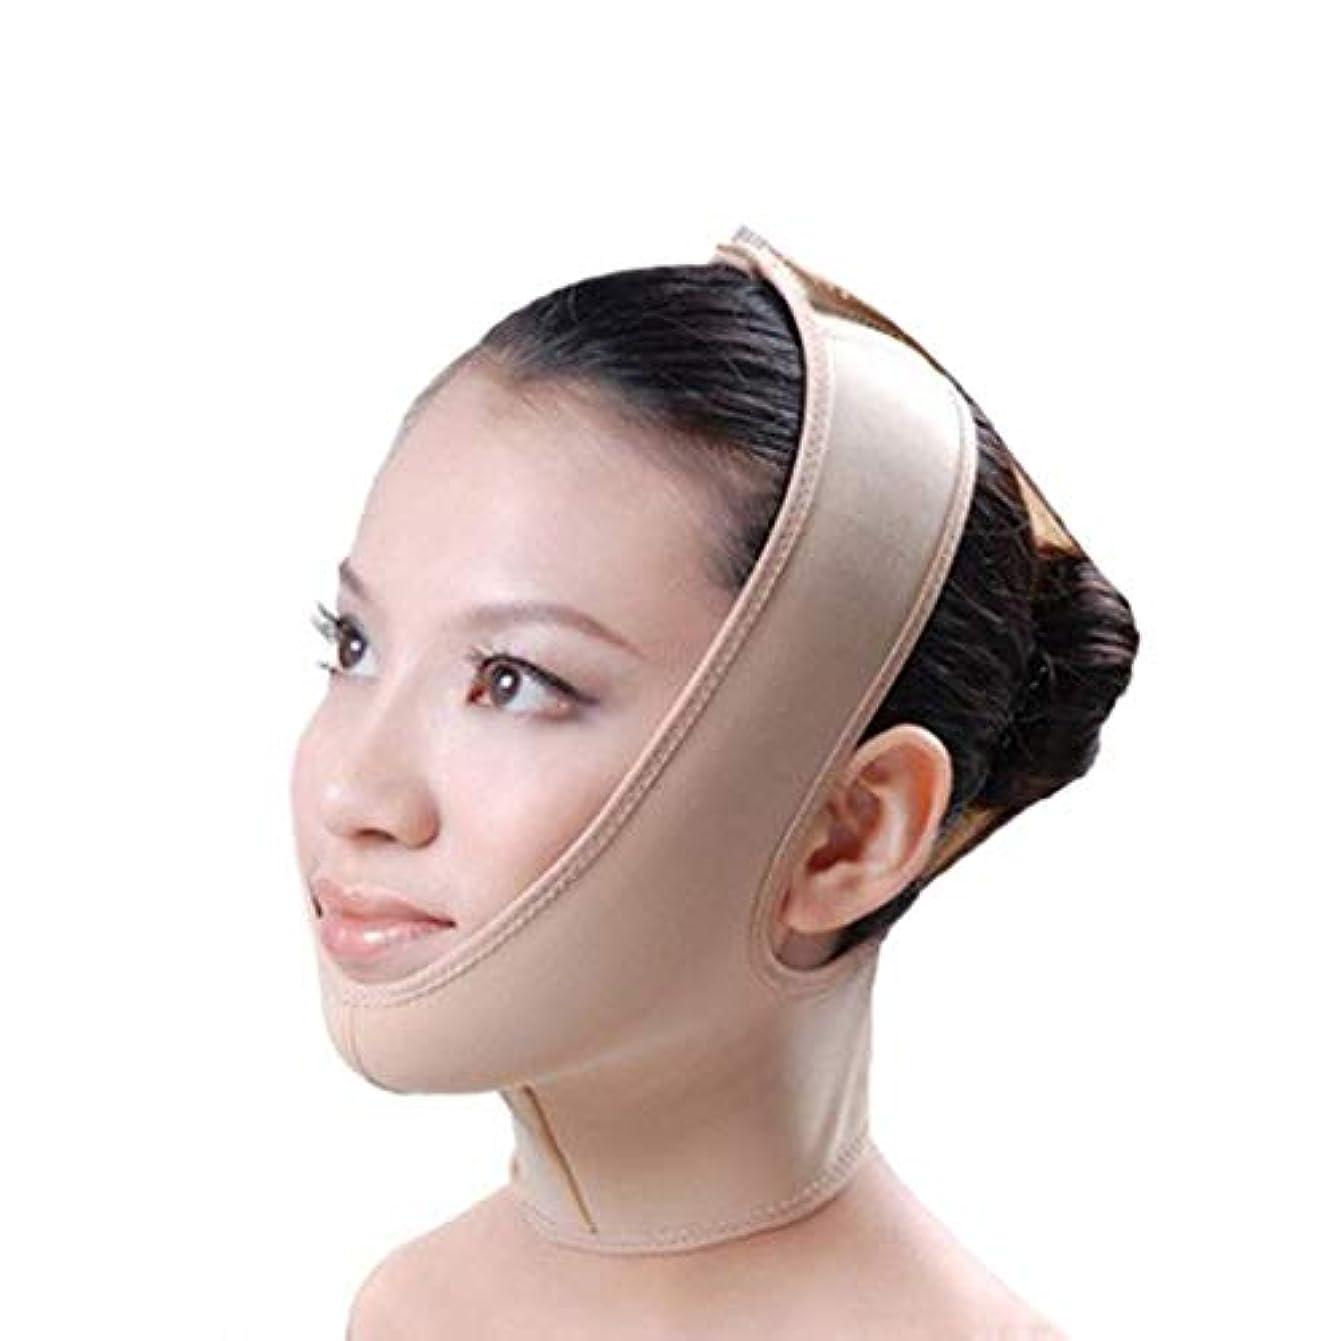 愛人穏やかな式フェイススリム、リフティングマスク、包帯リフト、二重あご、引き締めフェイシャルリフト、フェイシャル減量マスク、リフティングスキン包帯(サイズ:XL),M